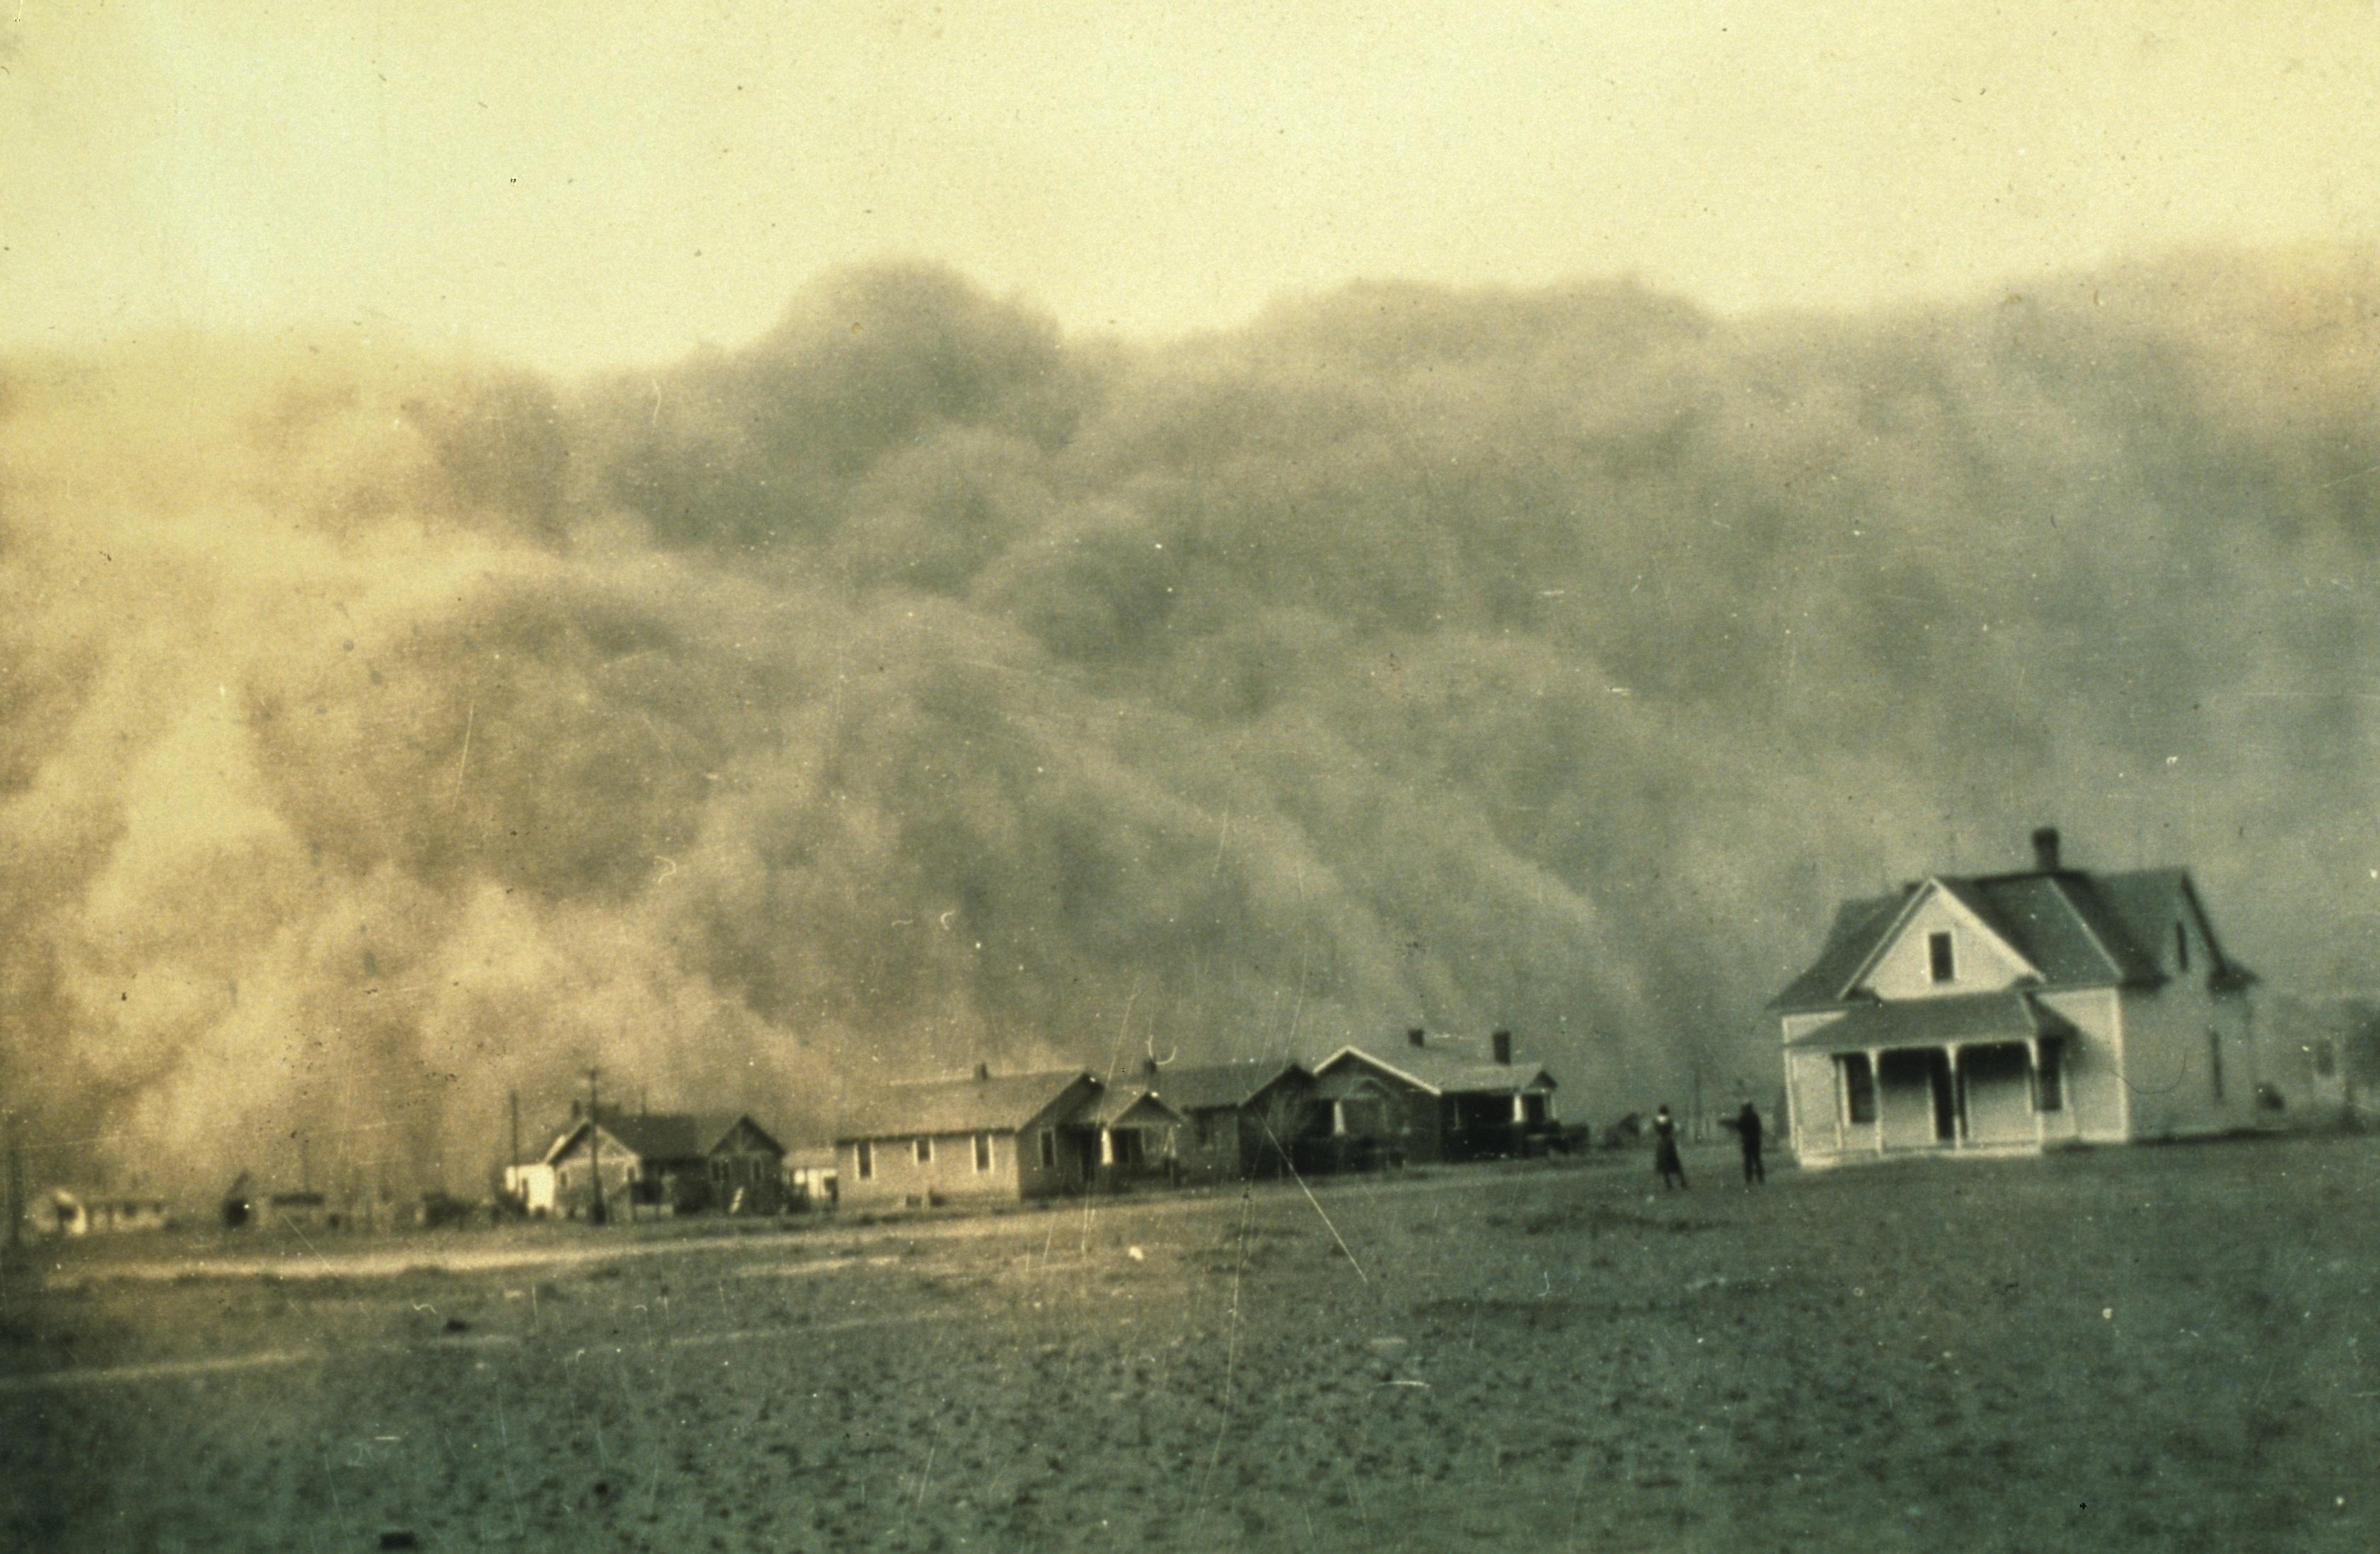 1935. Április. Homokvihar közeleg Stratford felé Texasban..jpg